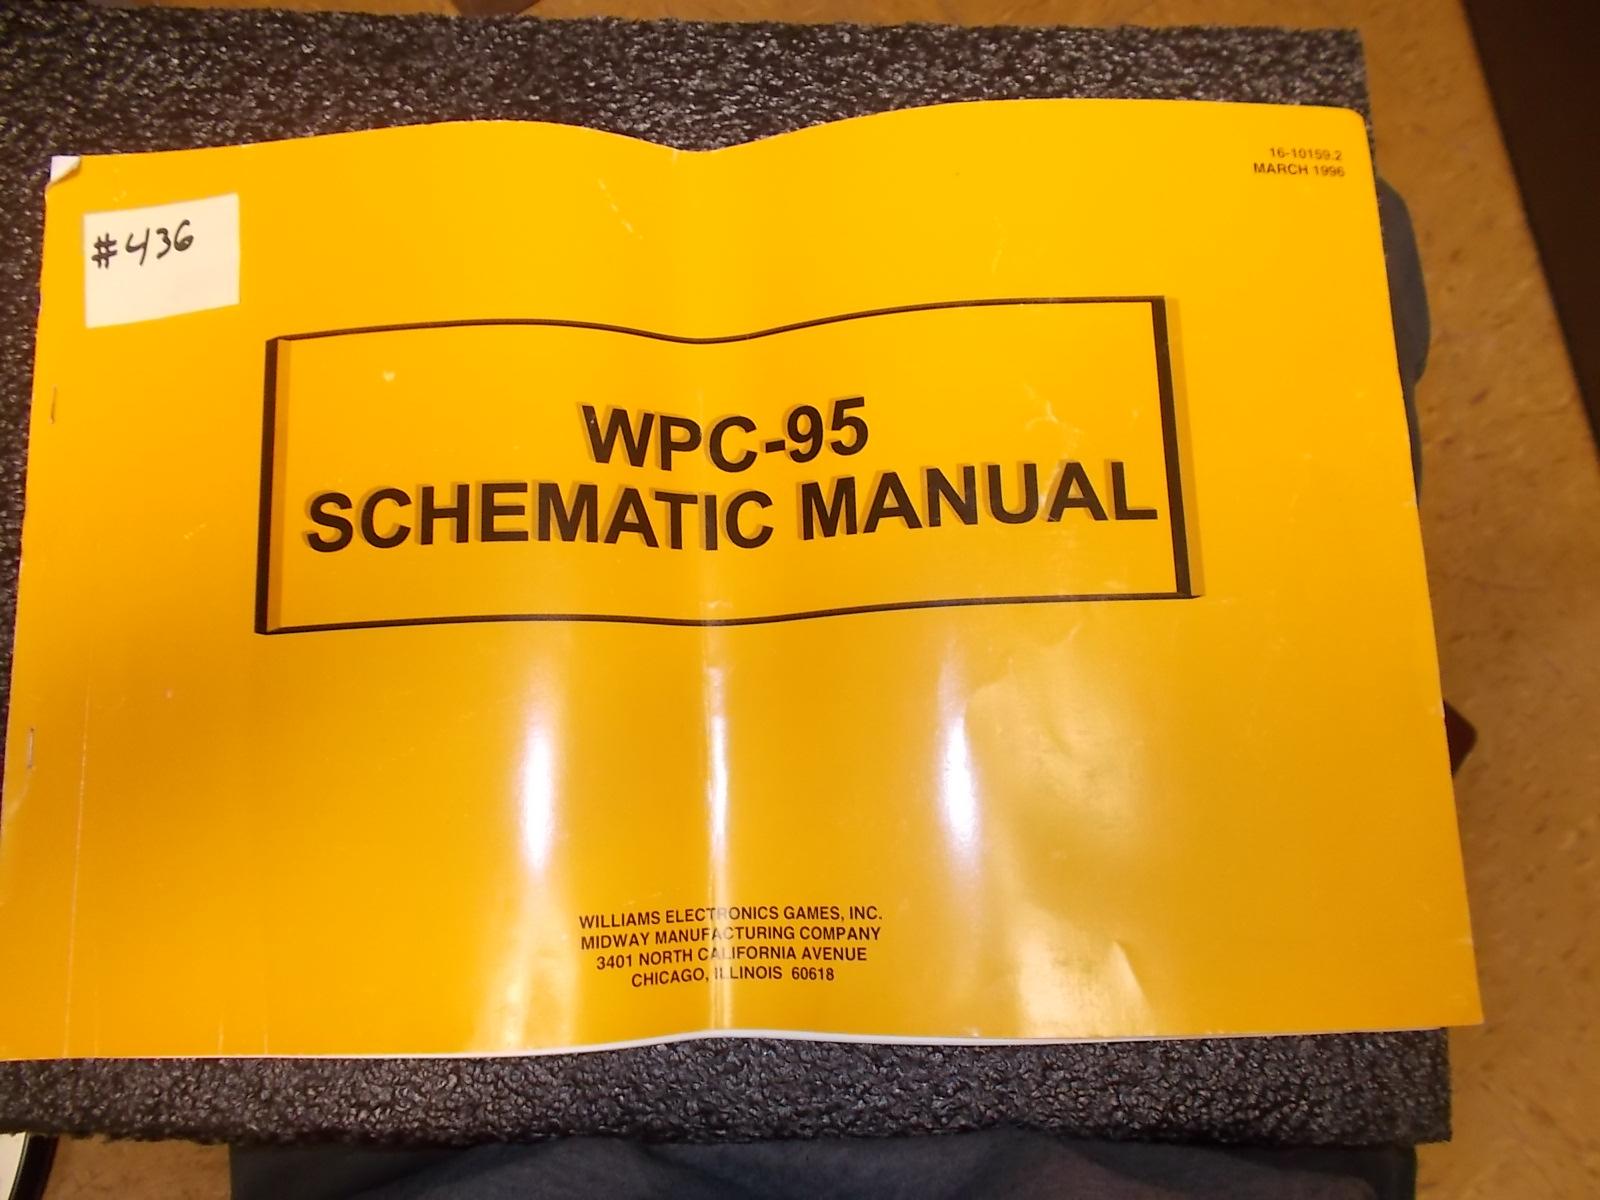 Williams Pinball Parts manual